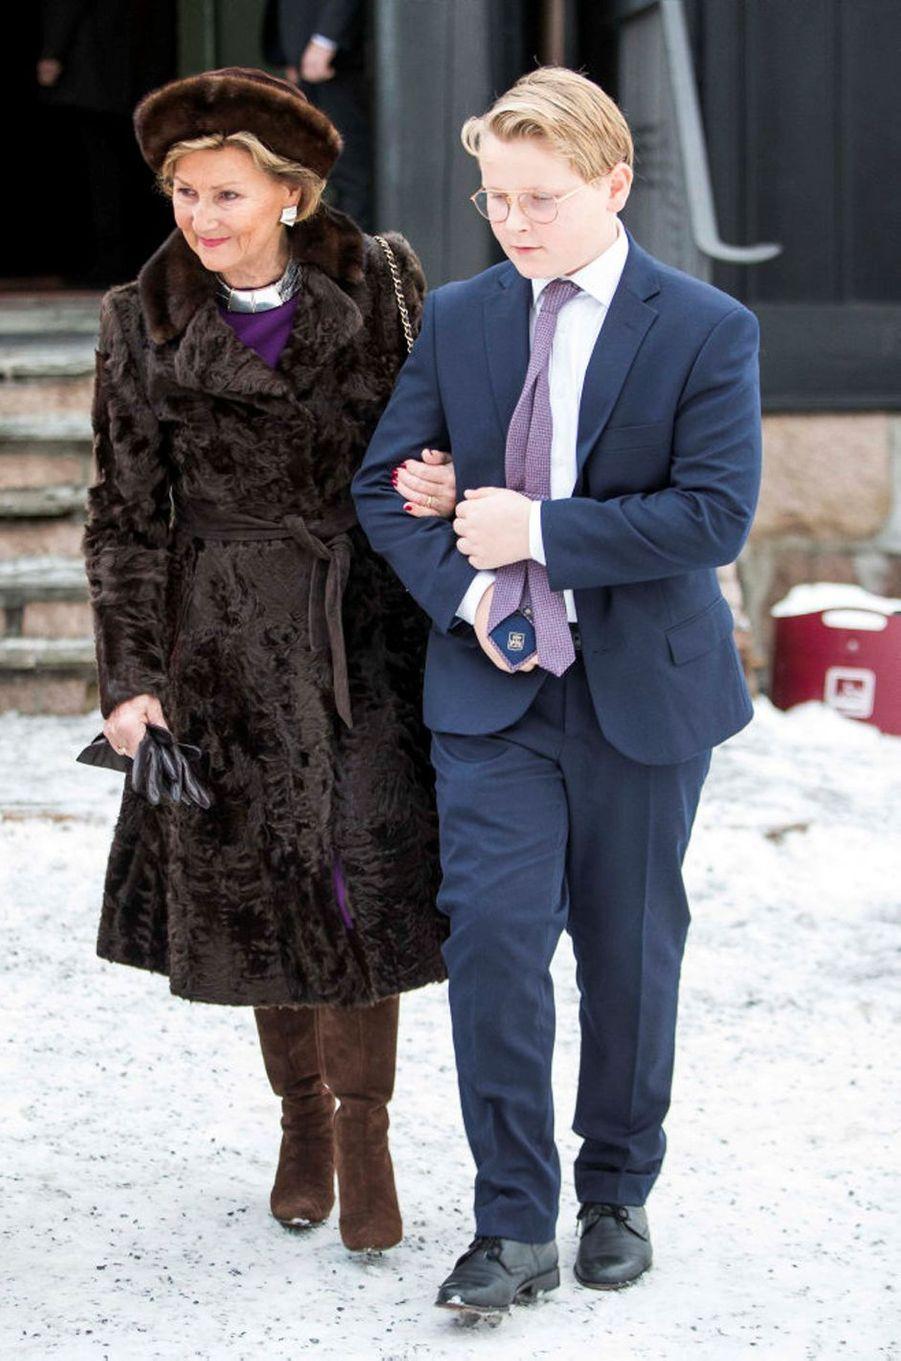 La reine Sonja et le prince Sverre Magnus de Norvège à Oslo, le 25 décembre 2018